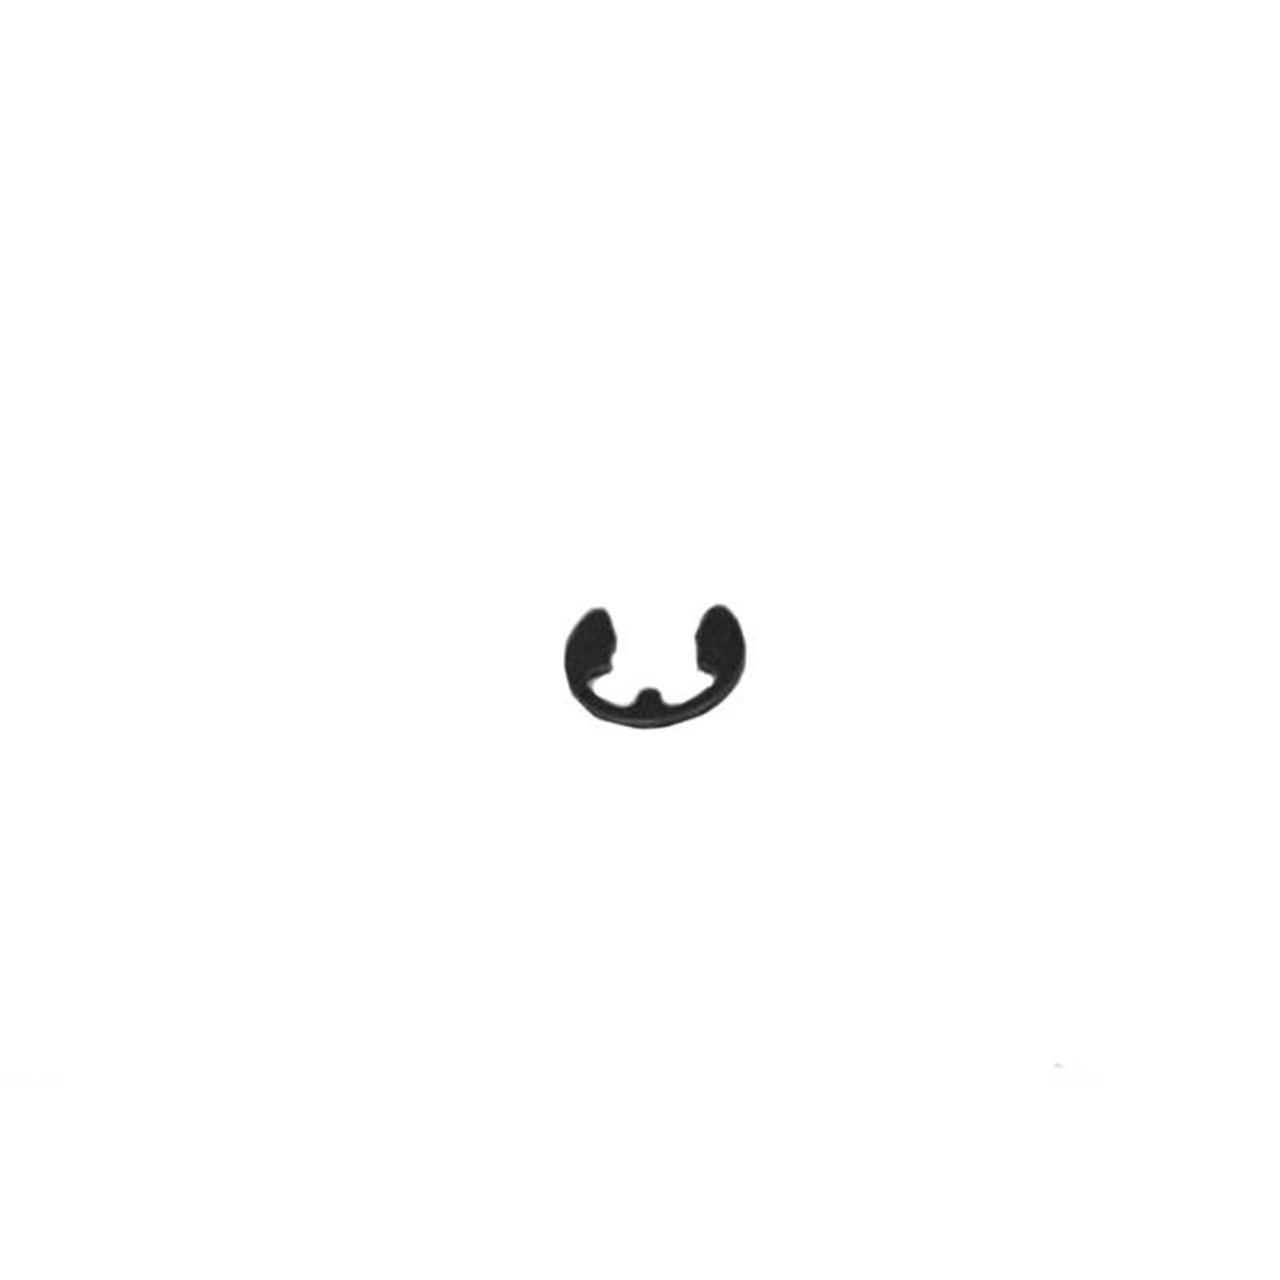 ECHO V583000440 - E-RING - Image 1